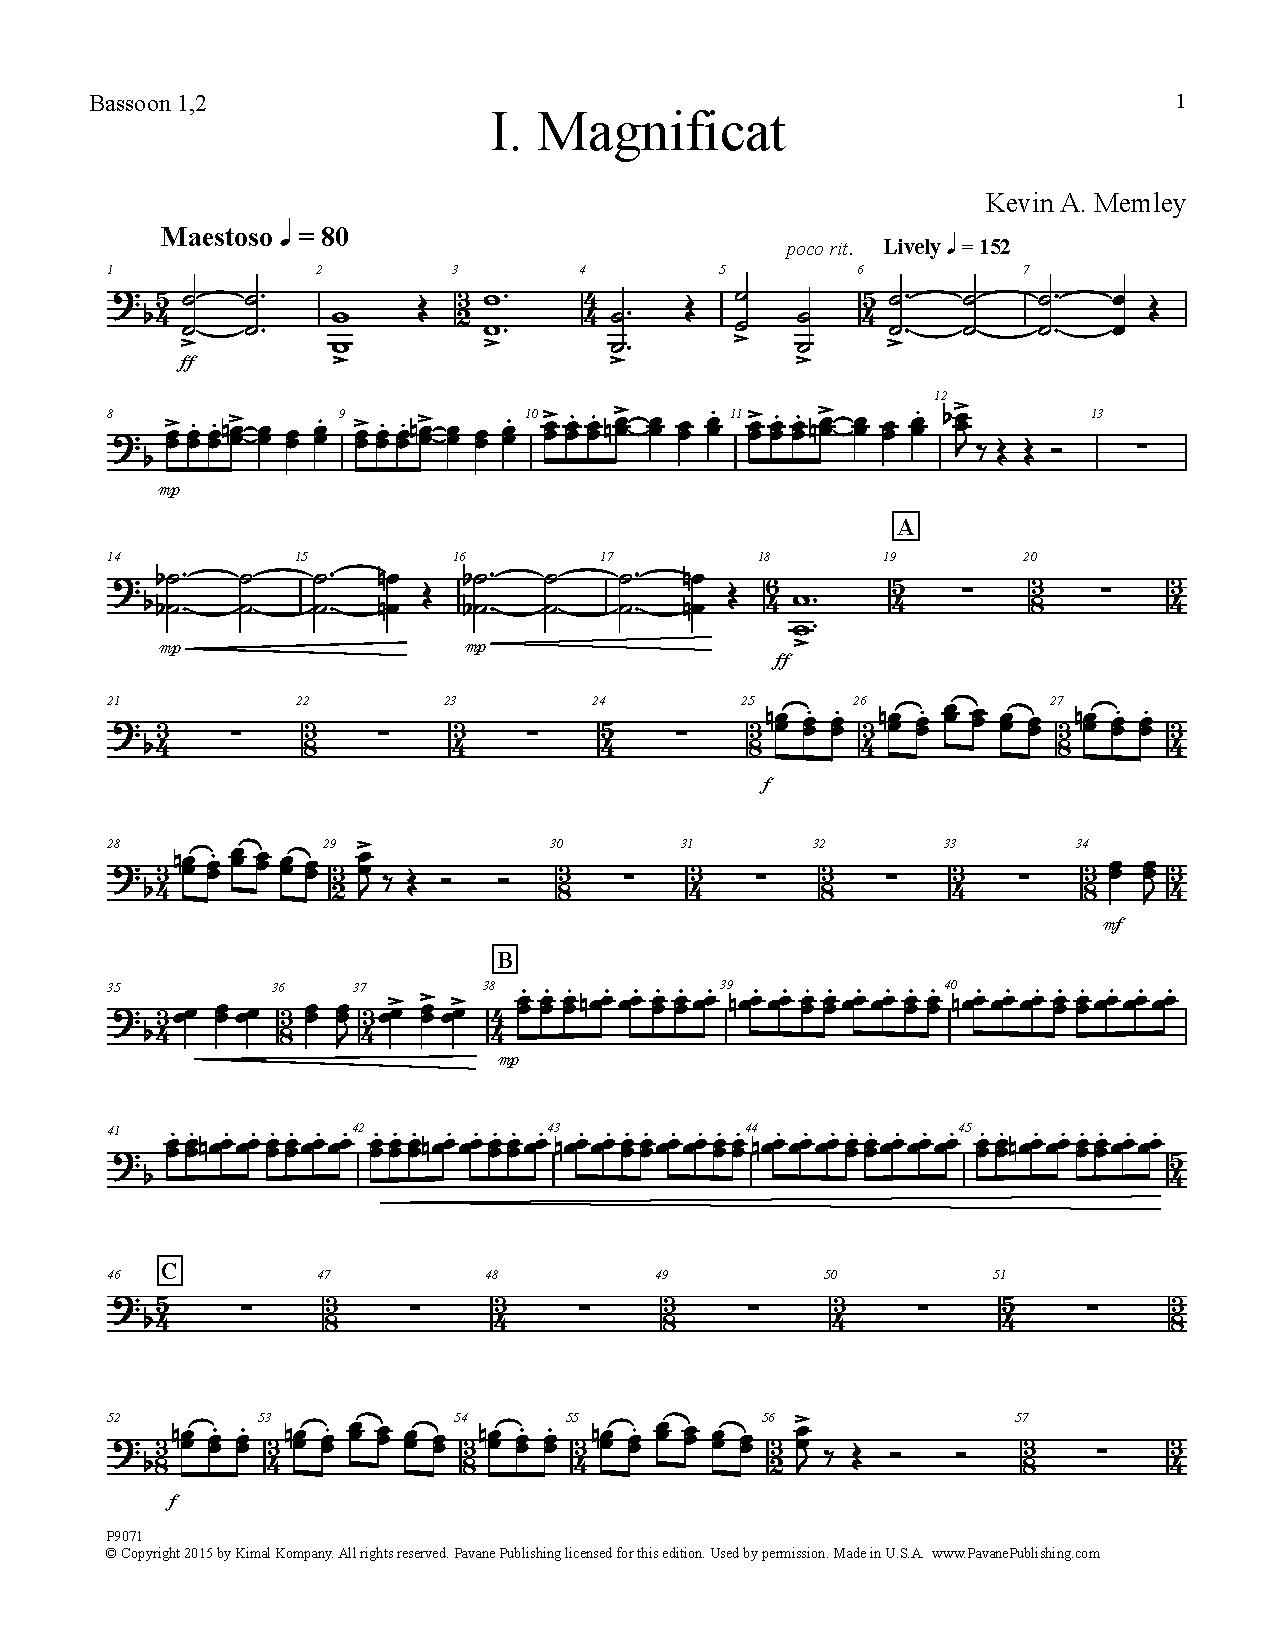 Magnificat - Bassoon 1, 2 Sheet Music